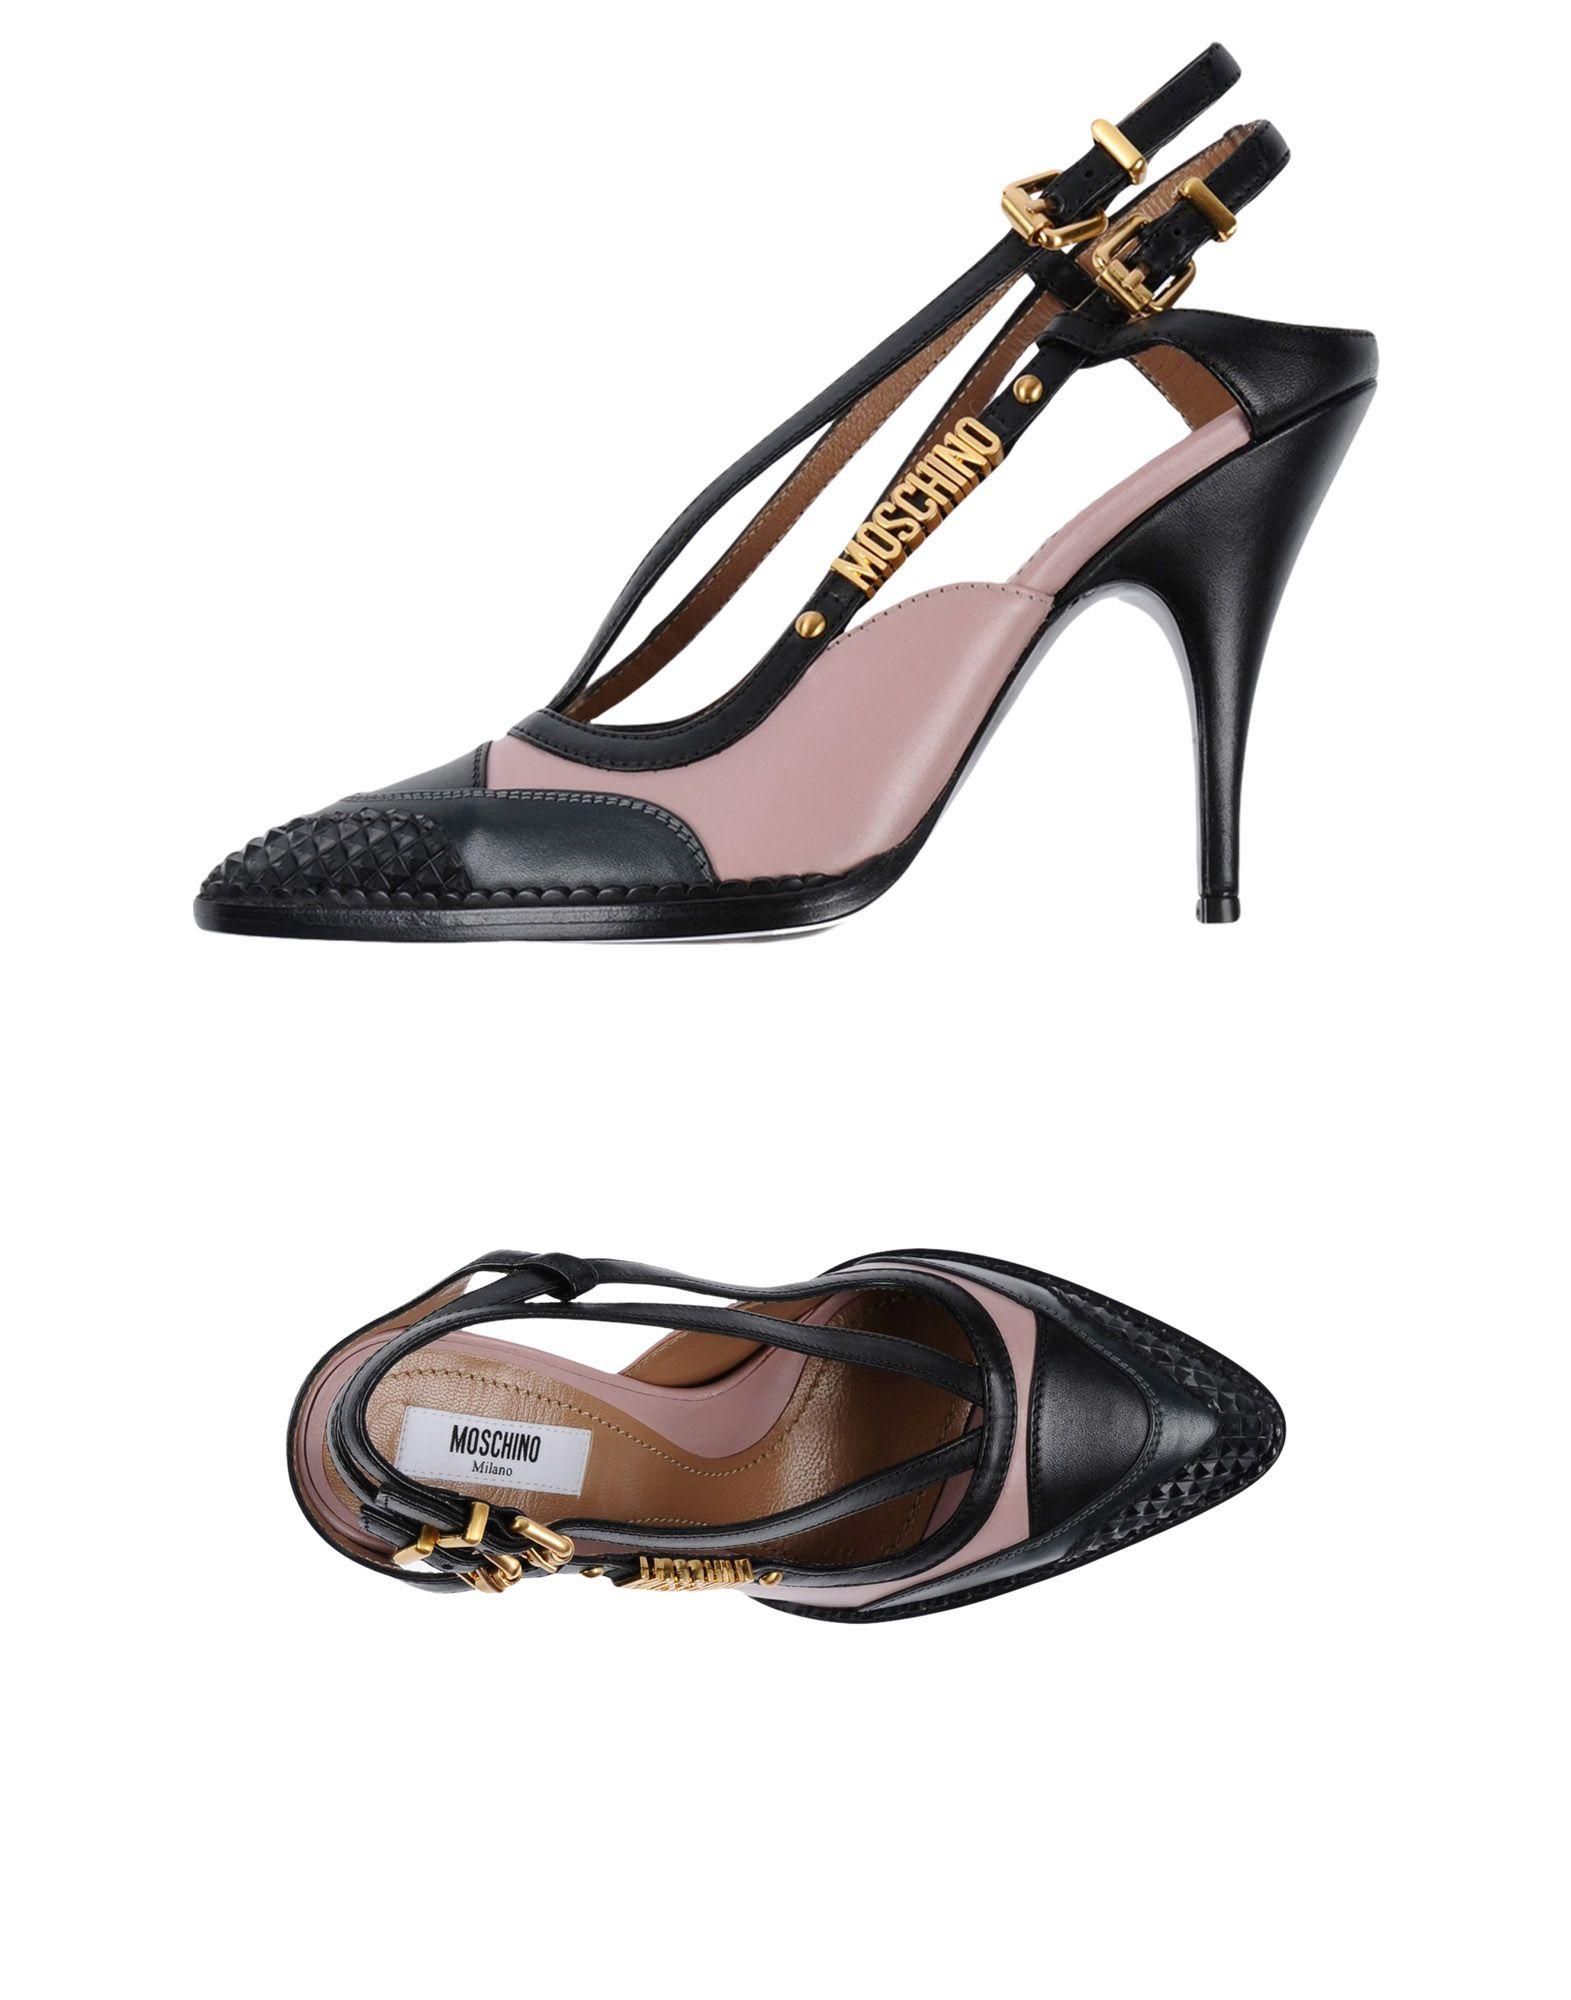 Haltbare Mode billige Schuhe Moschino Pumps Damen  11451329MO Heiße Schuhe